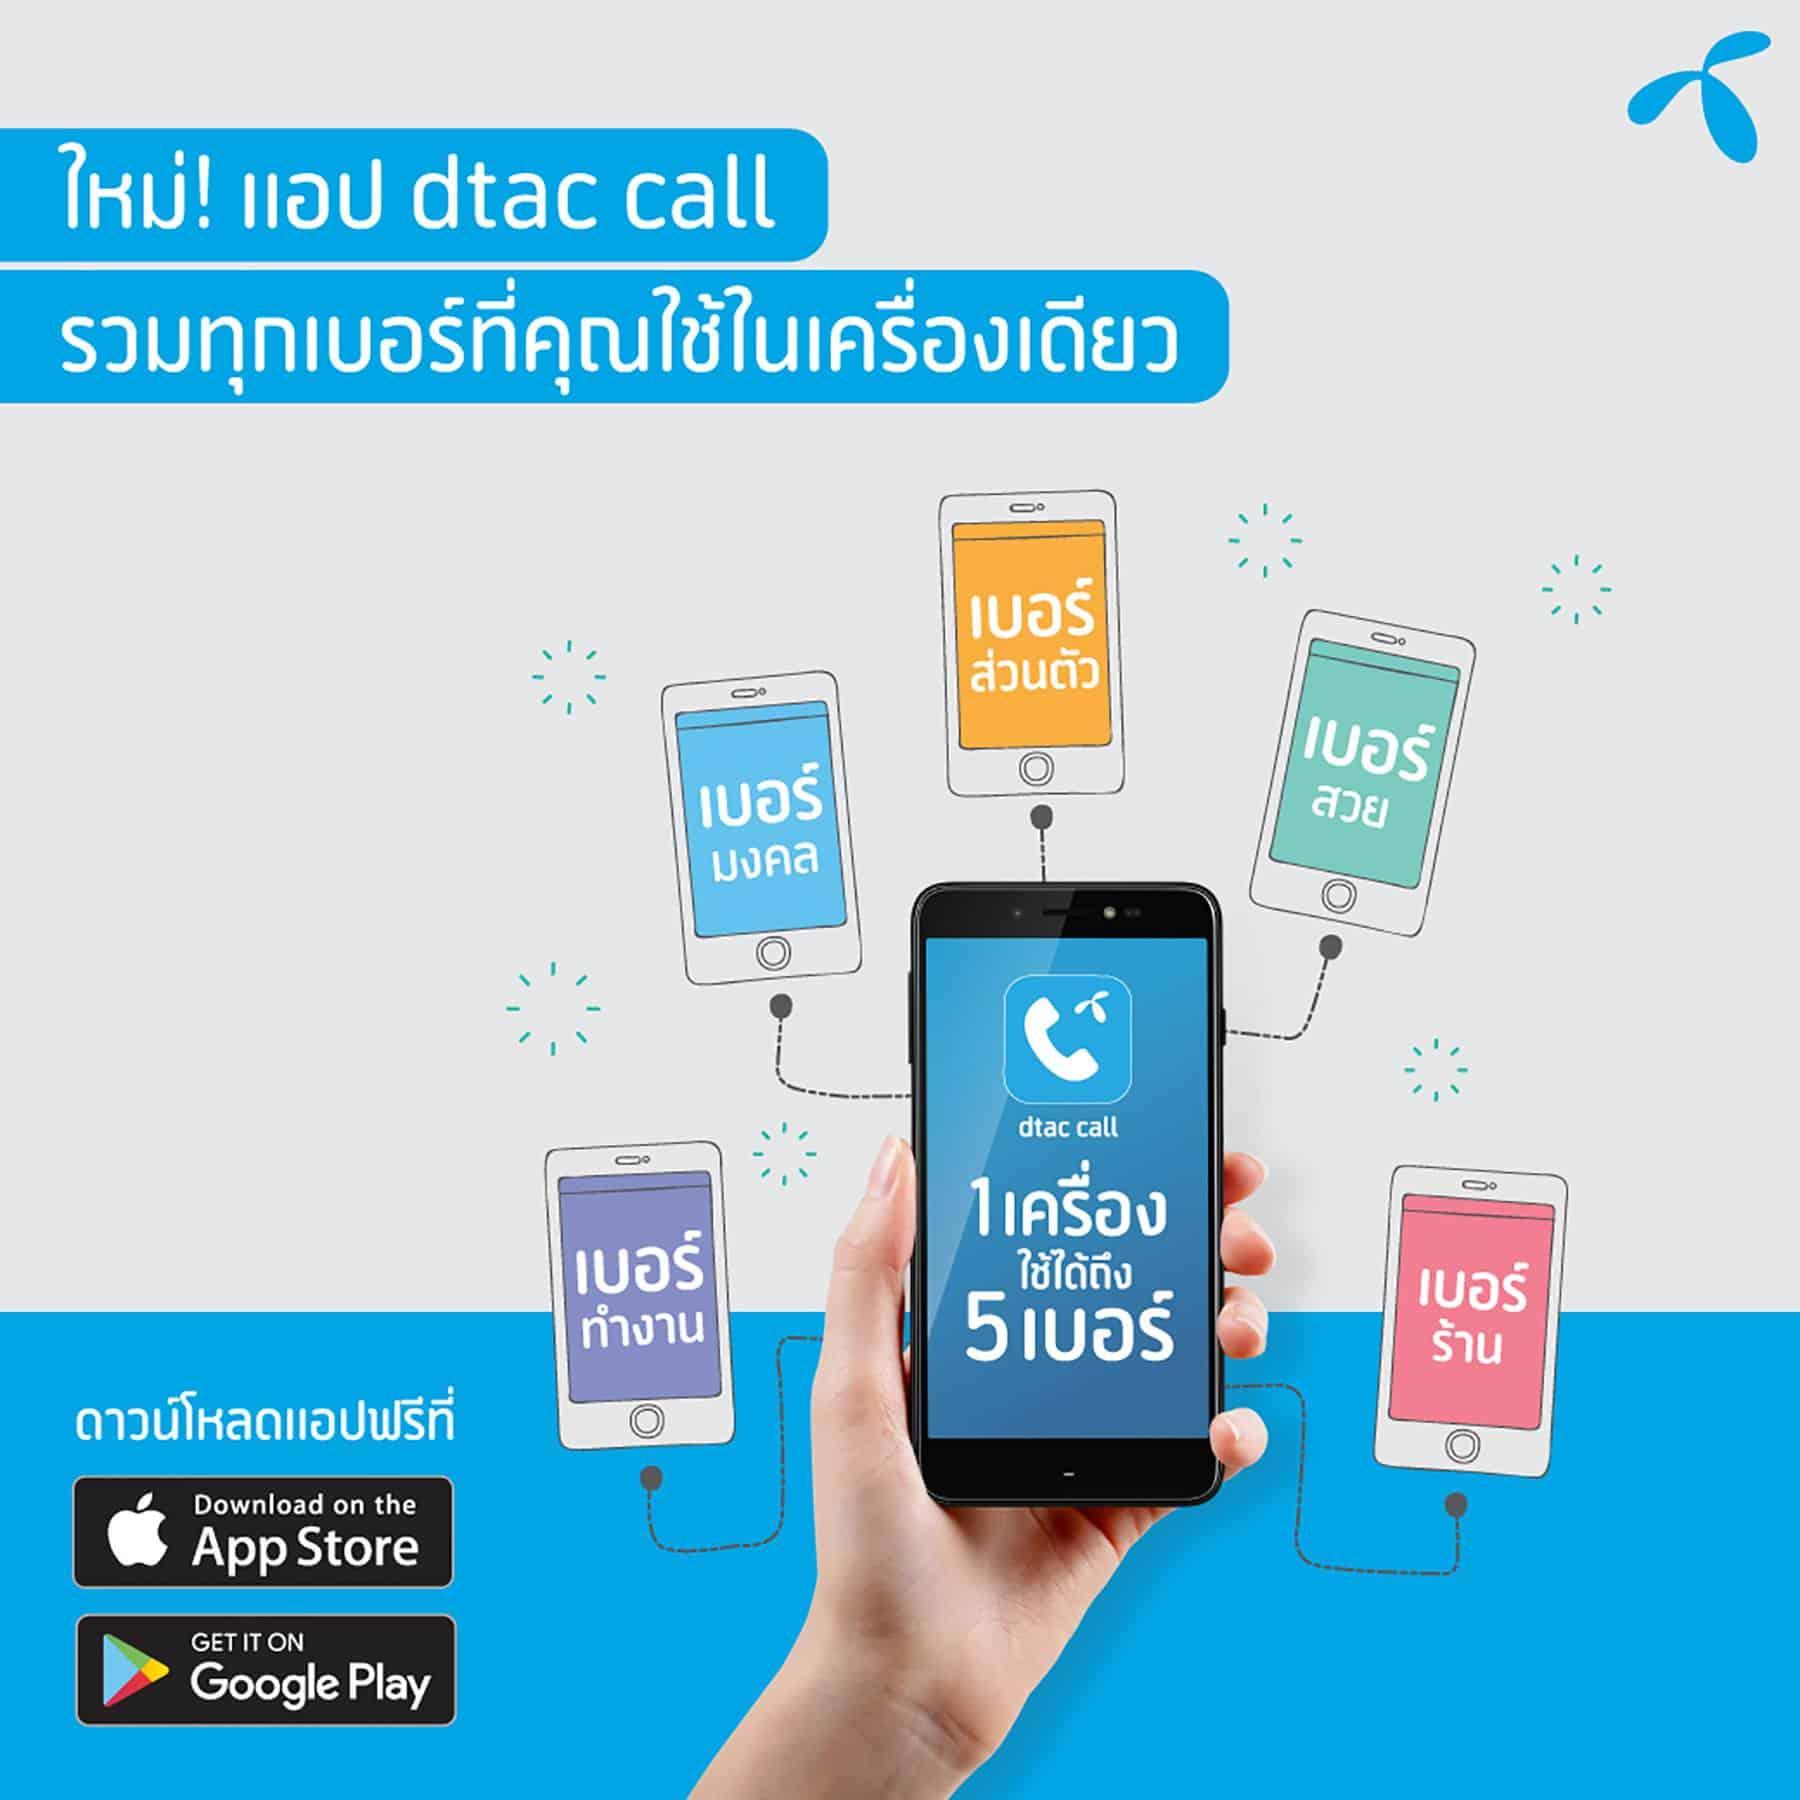 dtac call002